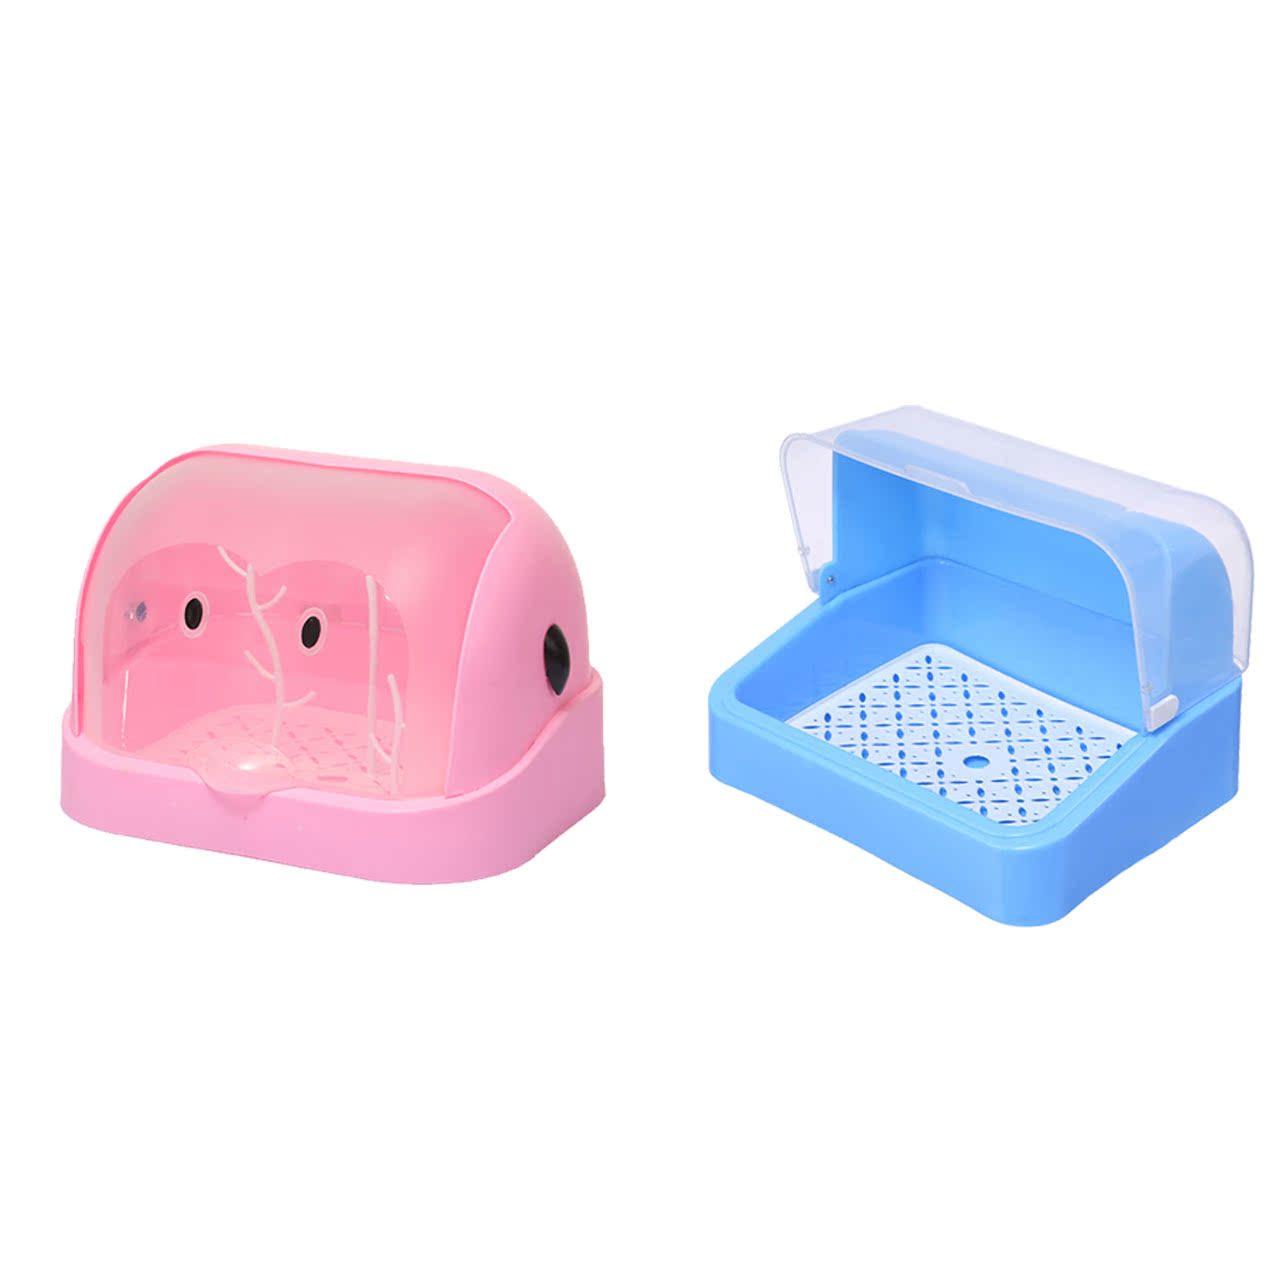 嬰兒用品收納盒帶蓋防塵大號寶寶奶瓶透明收納箱餐具晾幹架儲存盒